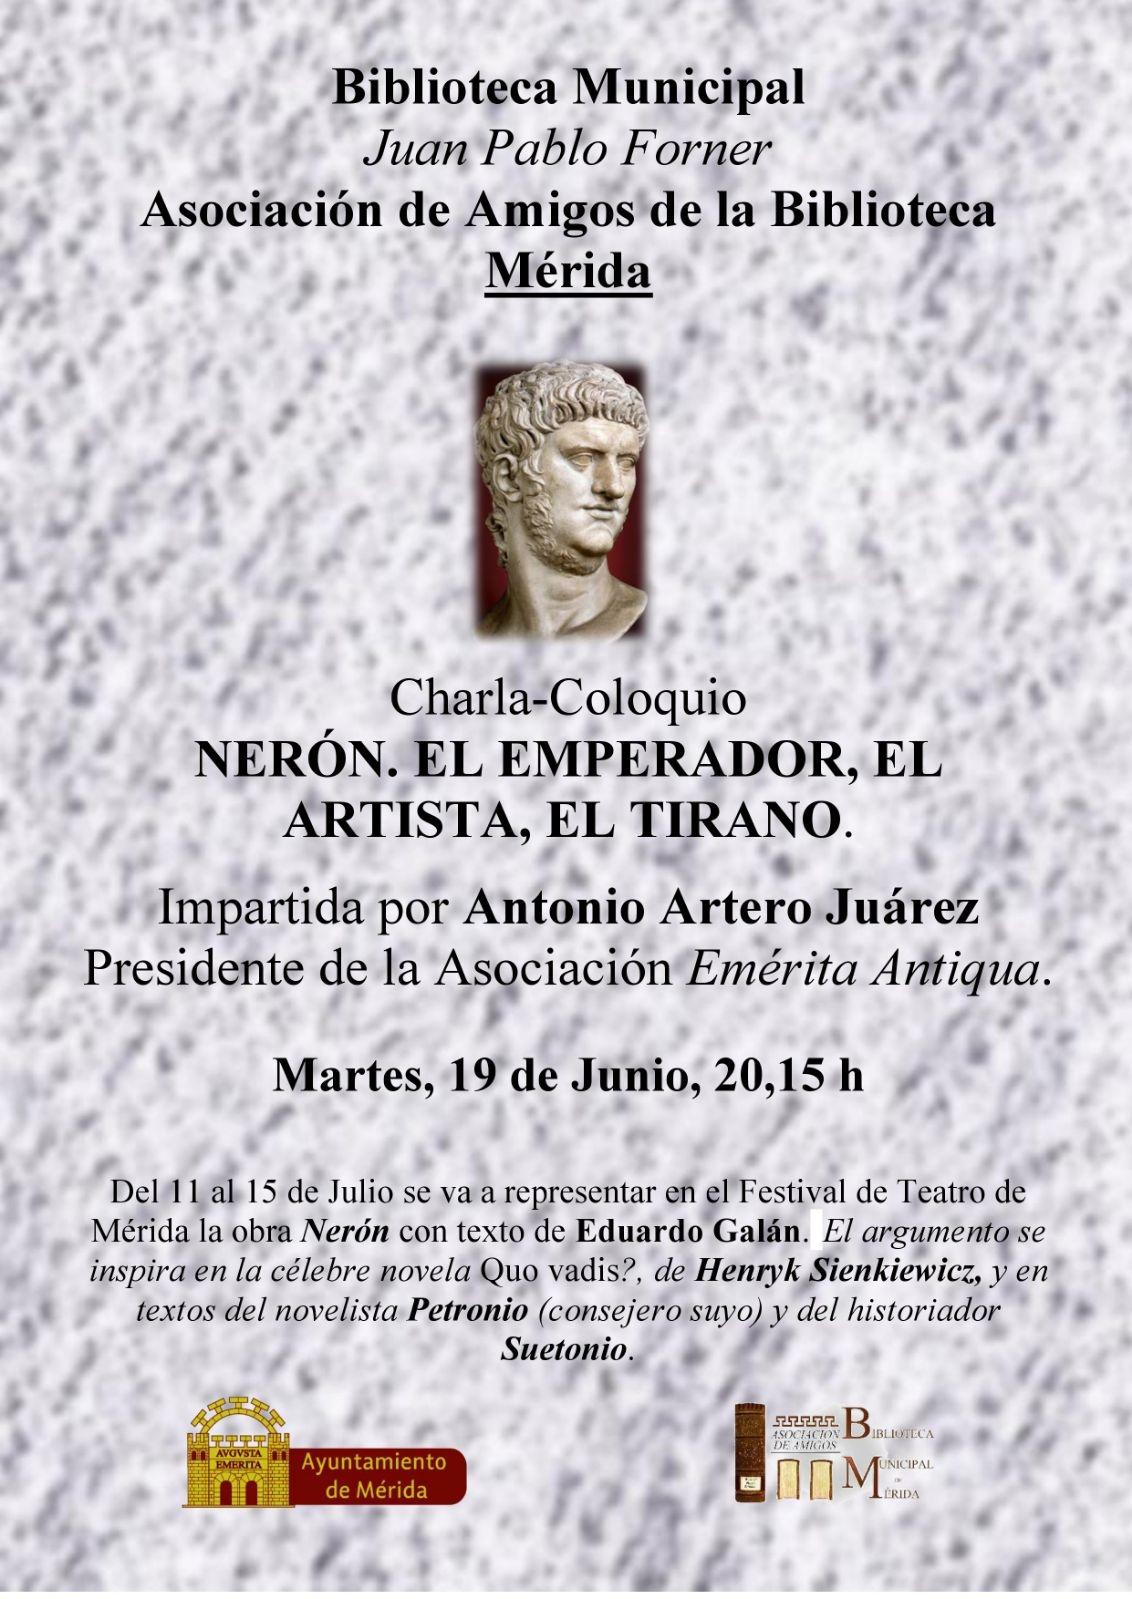 Charla-coloquio: 'Nerón, el emperador, el artista, el tirano'